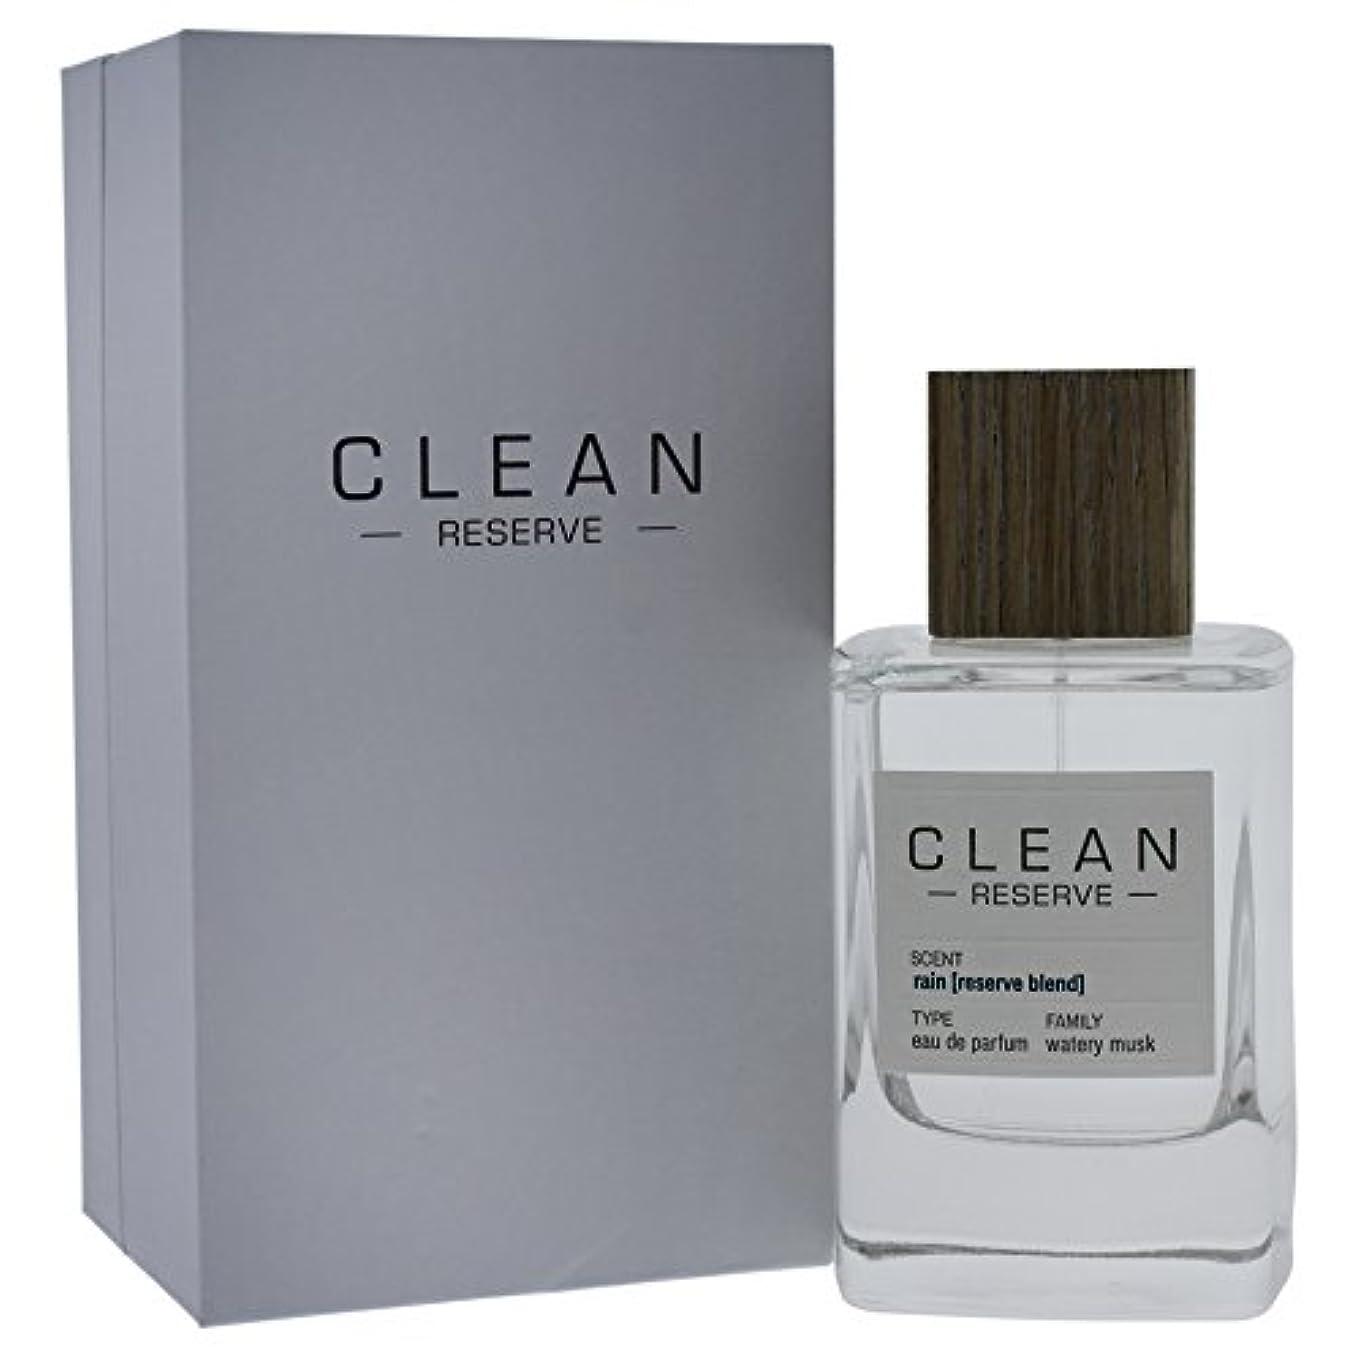 腐った二週間区別◆【CLEAN】Unisex香水◆クリーン リザーブ レイン オードパルファムEDP 100ml◆